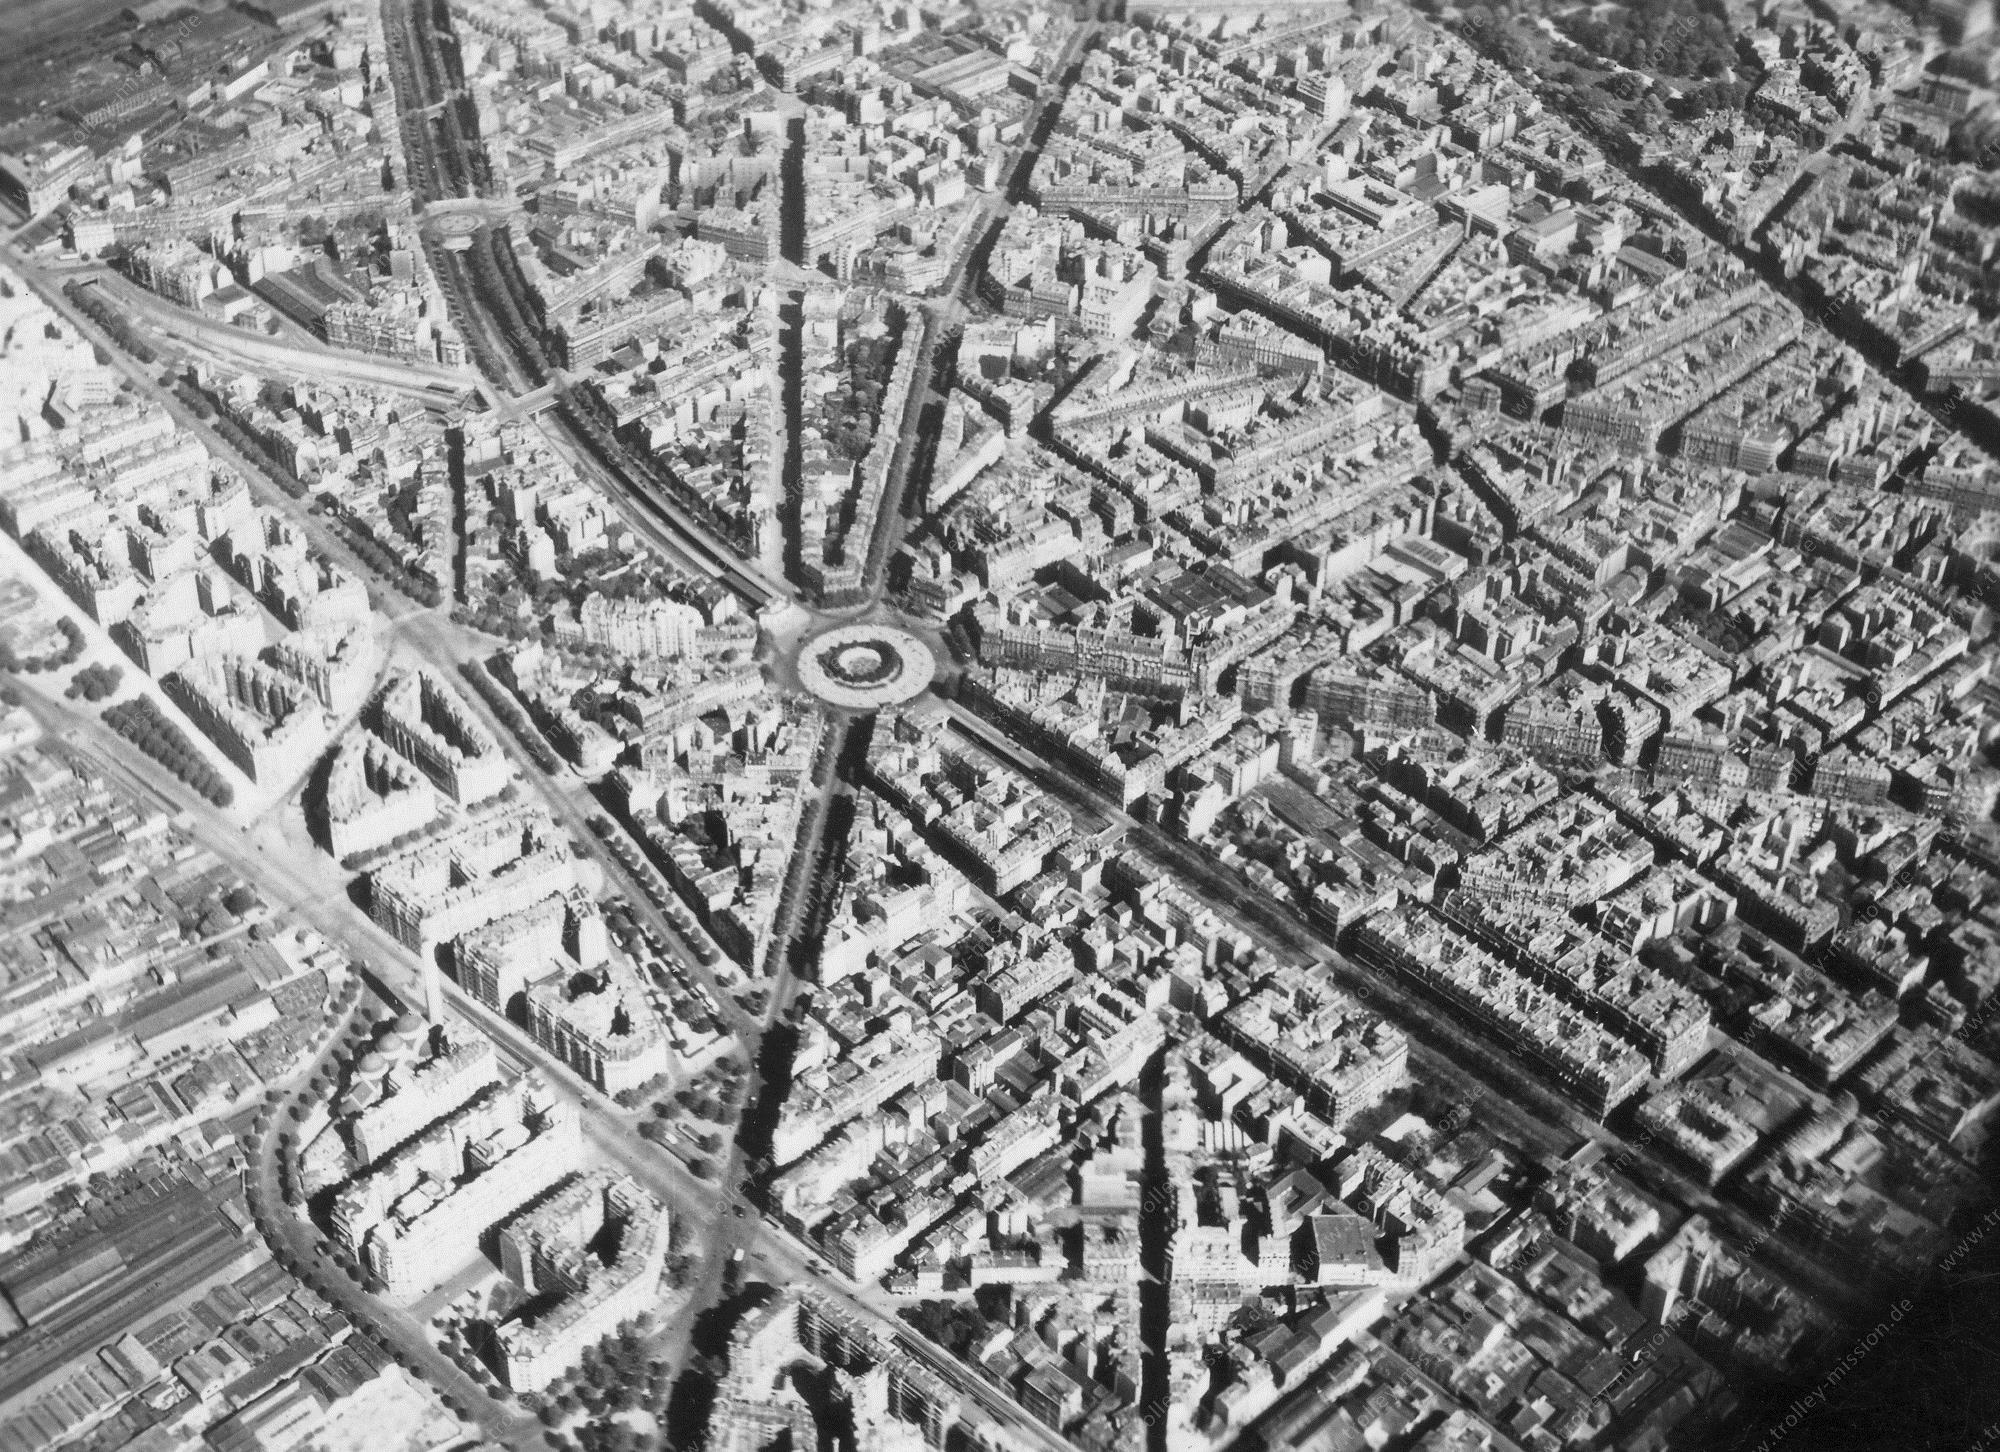 Paris 1945 Luftbild Place du Maréchal Juin - Métro Station Pereire (Frankreich)